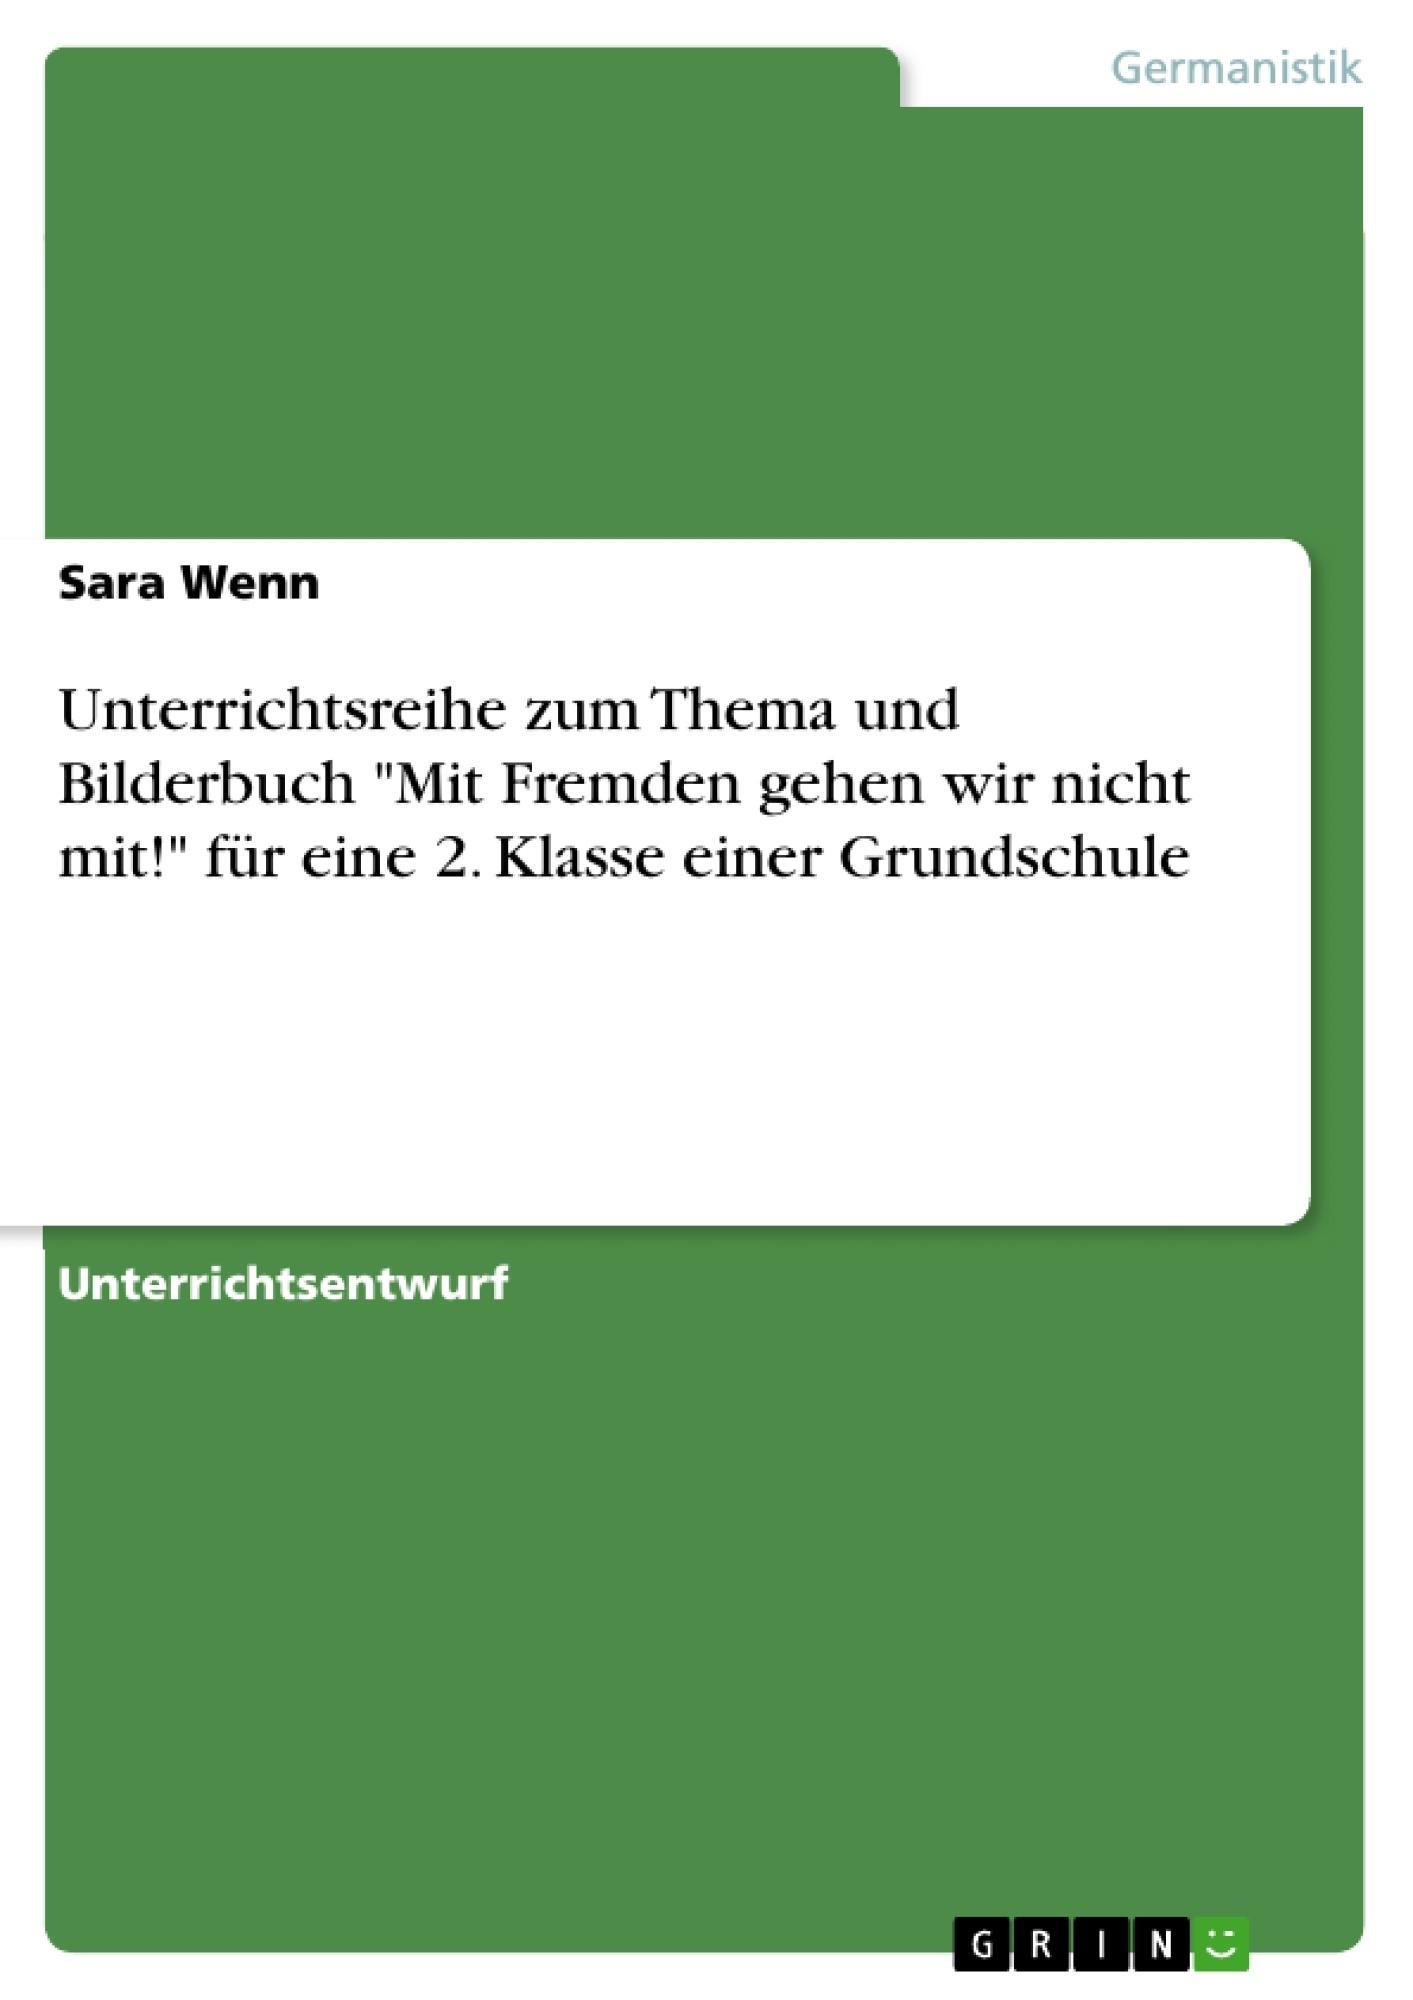 """Titel: Unterrichtsreihe zum Thema und Bilderbuch """"Mit Fremden gehen wir nicht mit!"""" für eine 2. Klasse einer Grundschule"""